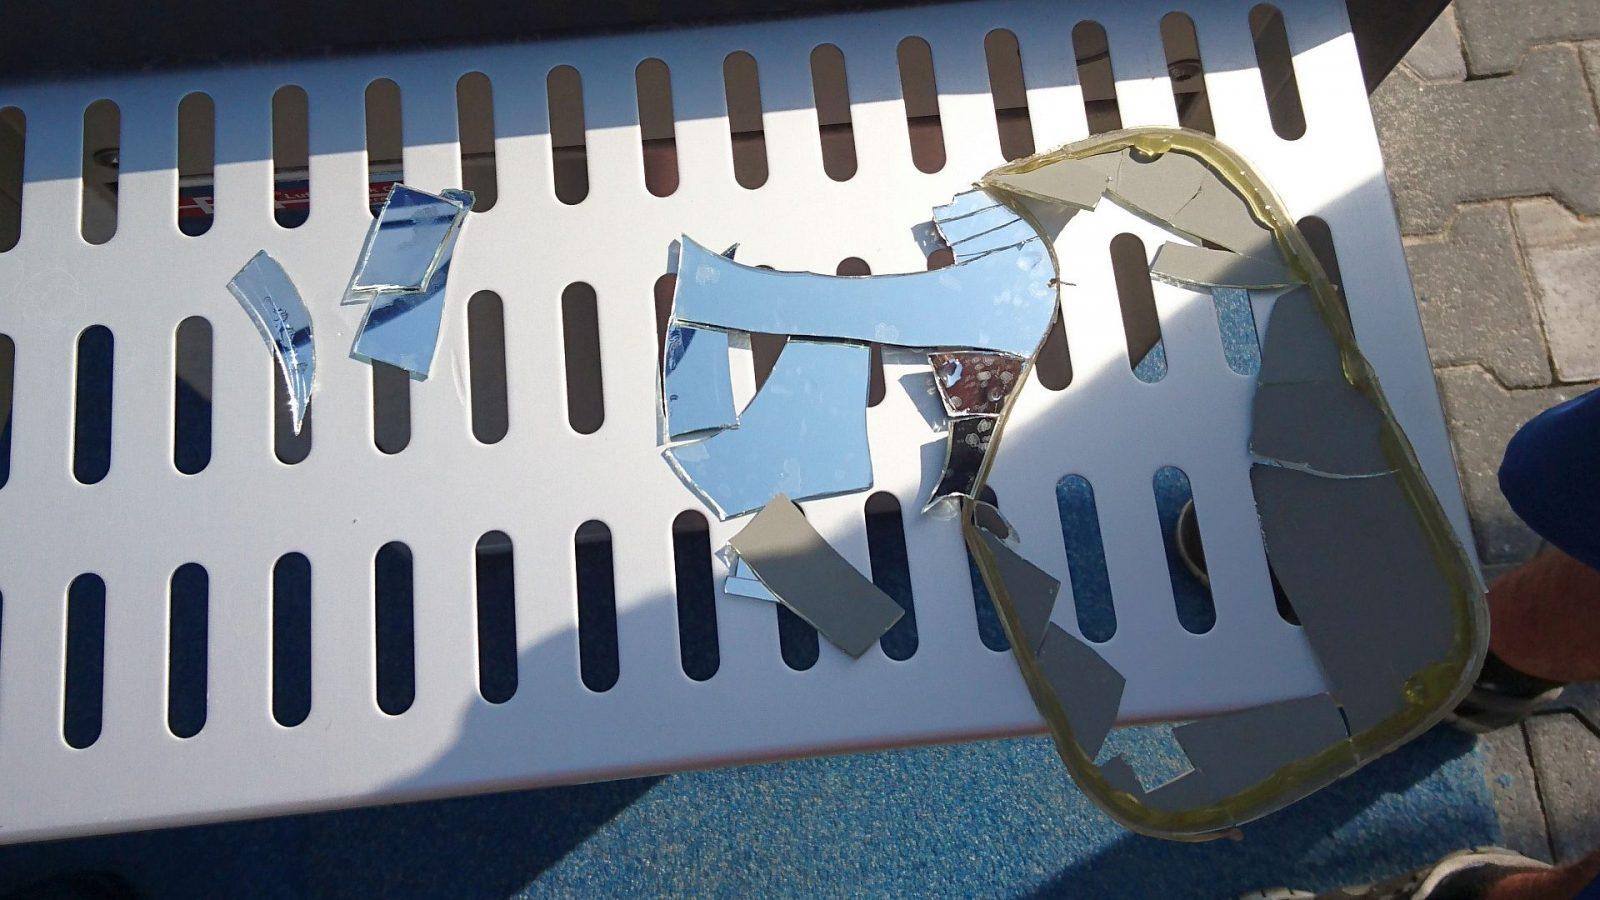 Das zerbrochene Spiegelglas